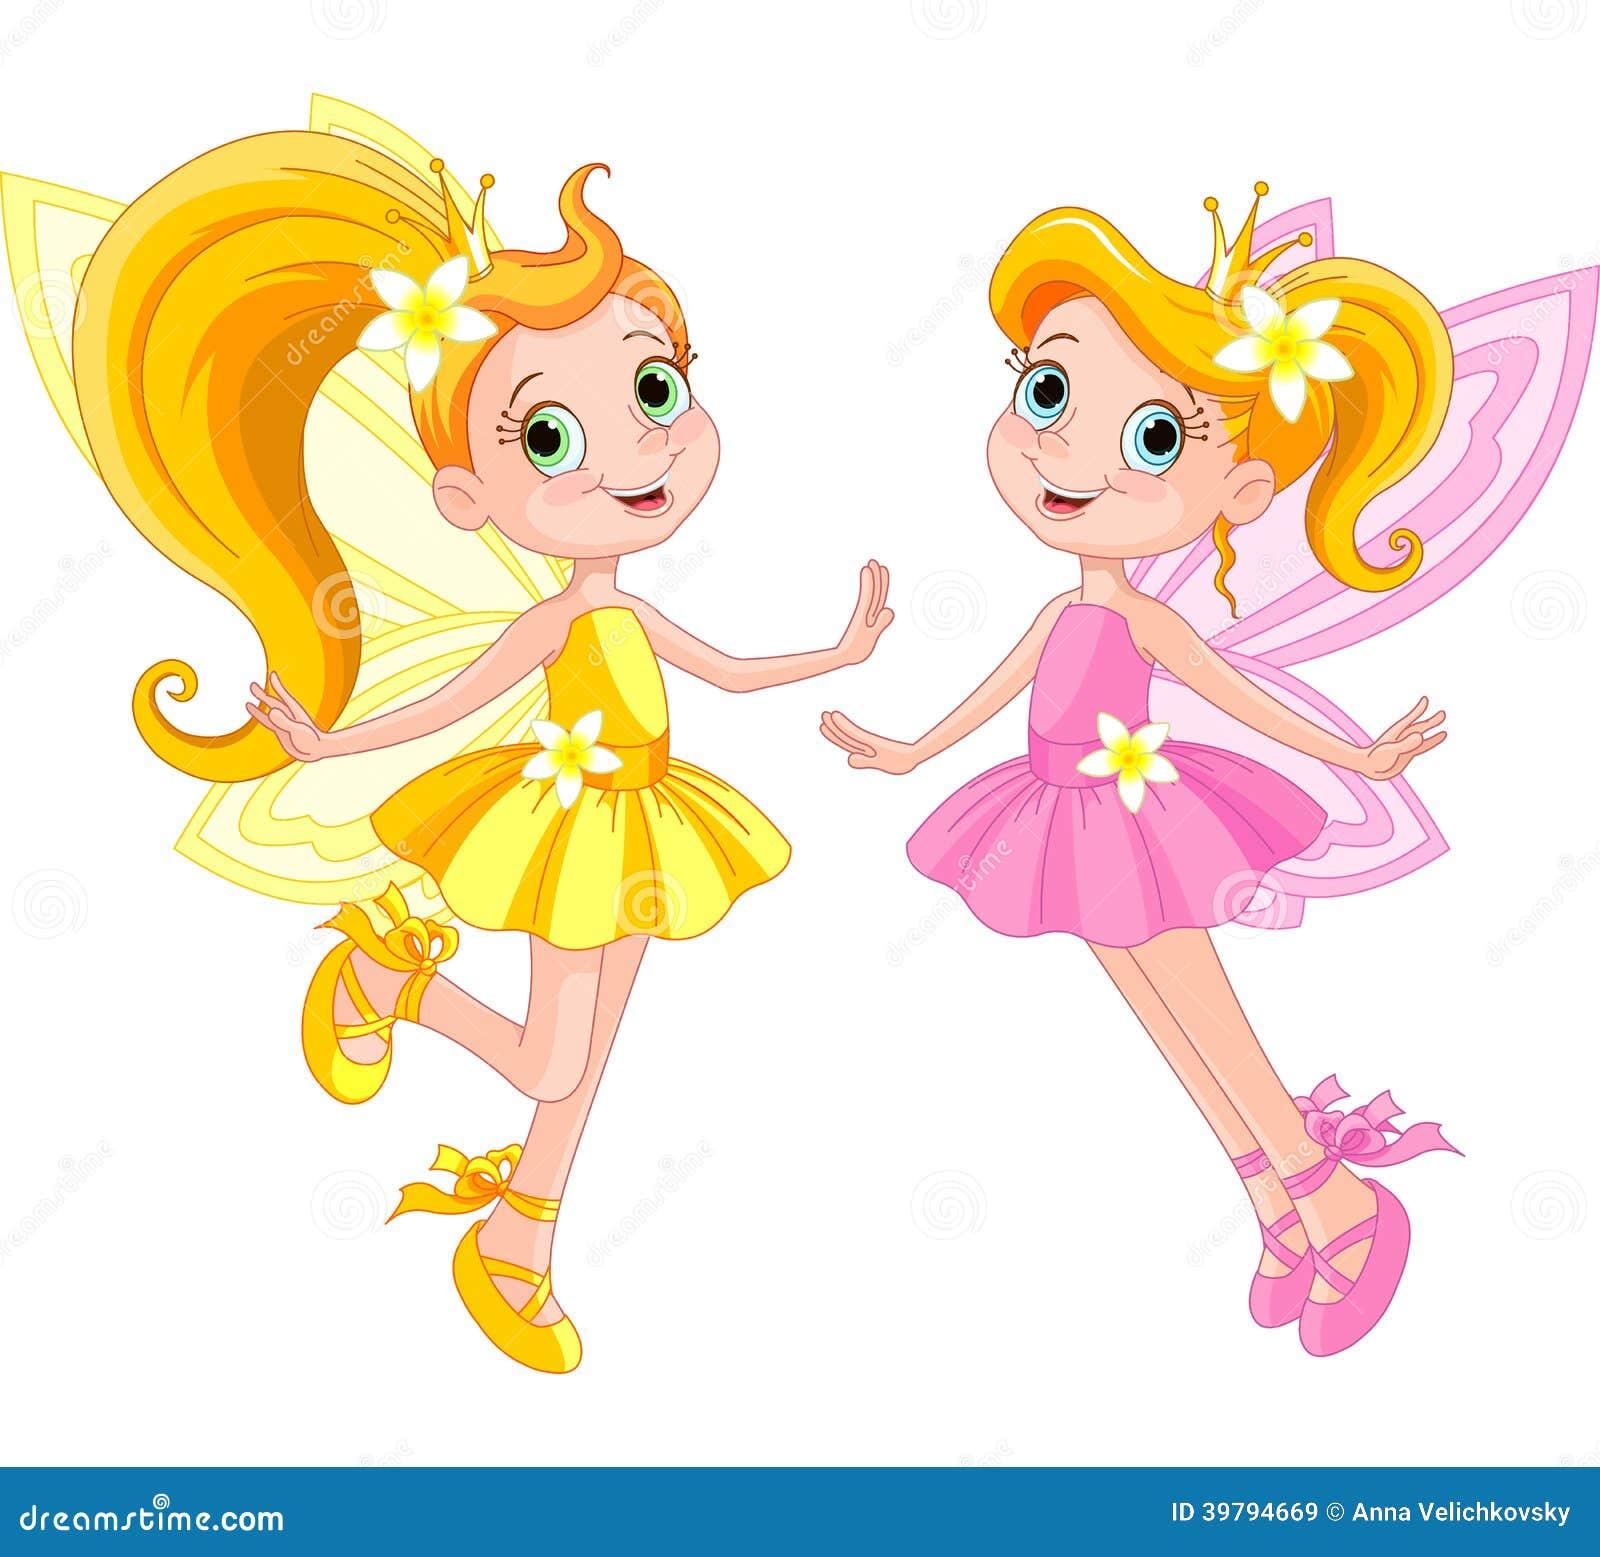 Flower coloring pages flower coloring pages 2 flower coloring pages 3 - Two Cute Fairies Stock Vector Image 39794669